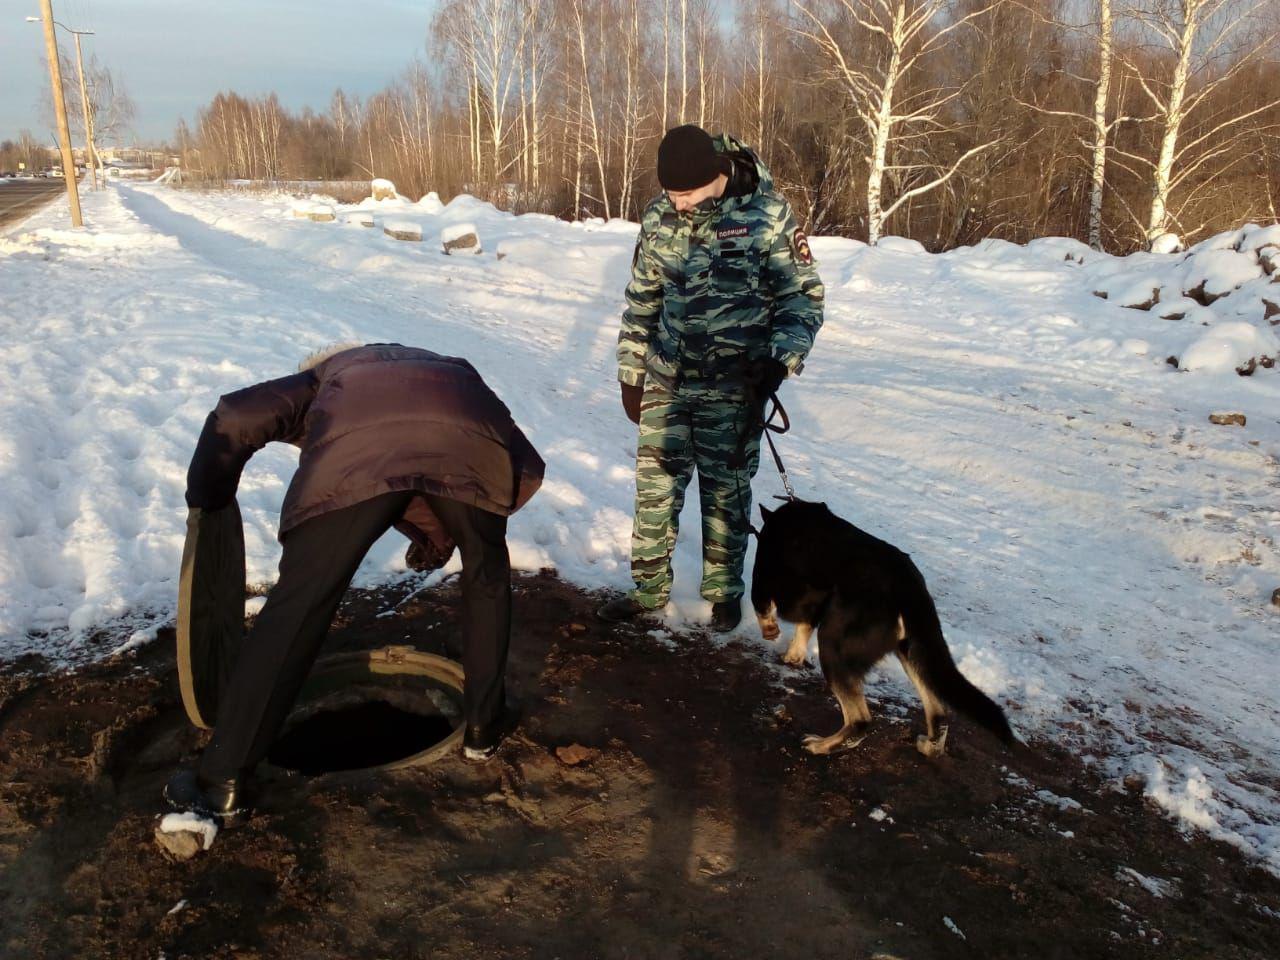 Под Ярославлем нашли тело мужчины с ножевыми ранениями